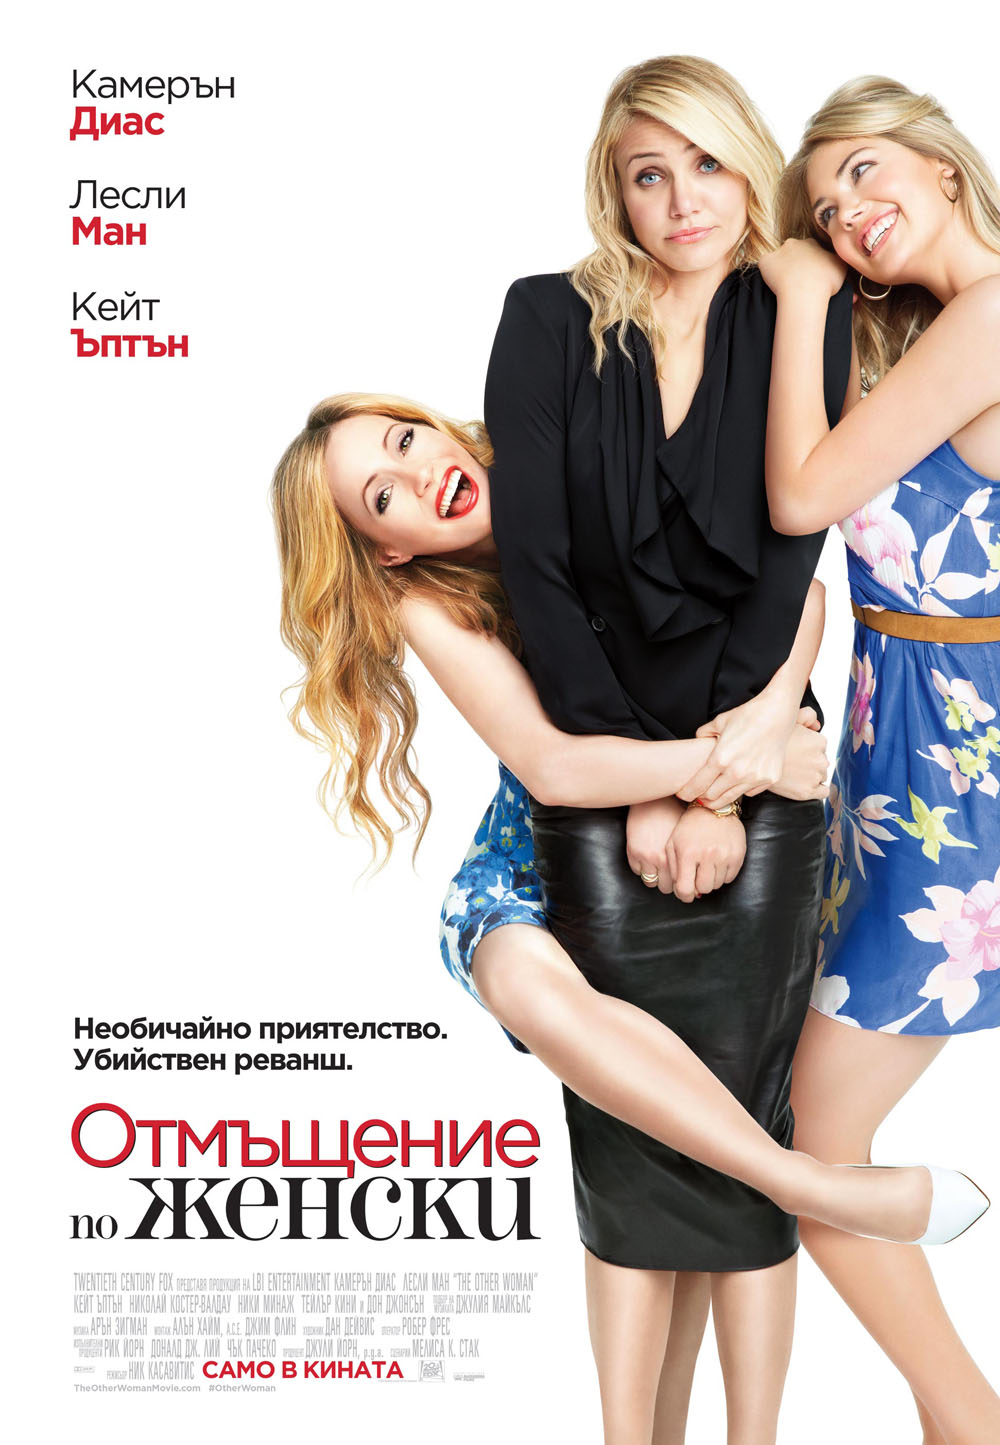 The Other Woman / Отмъщение по женски (2014)